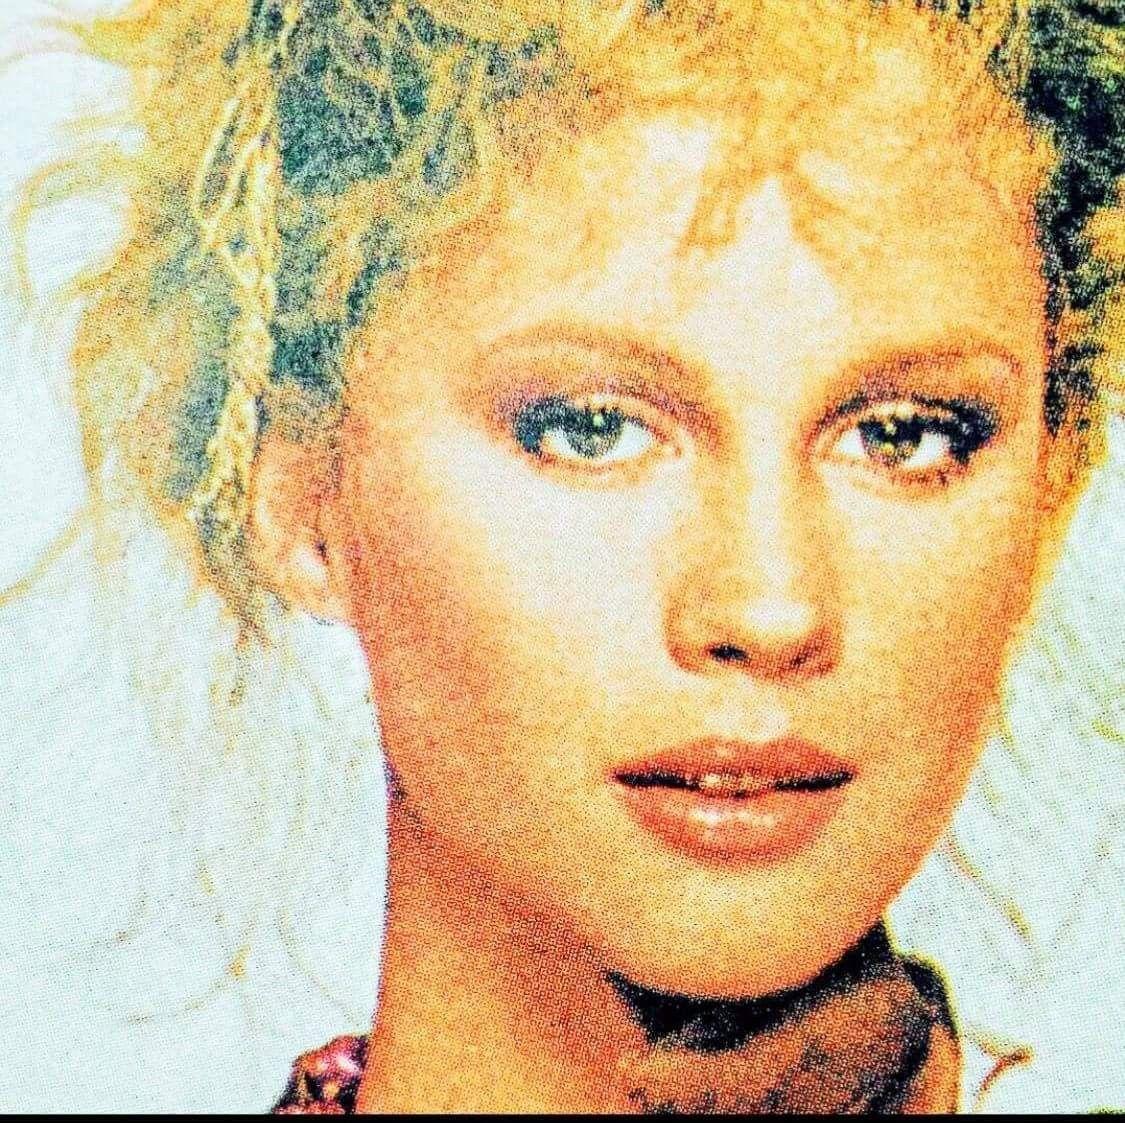 Pin by Kathy Brady on beautiful women   Beautiful, Mona